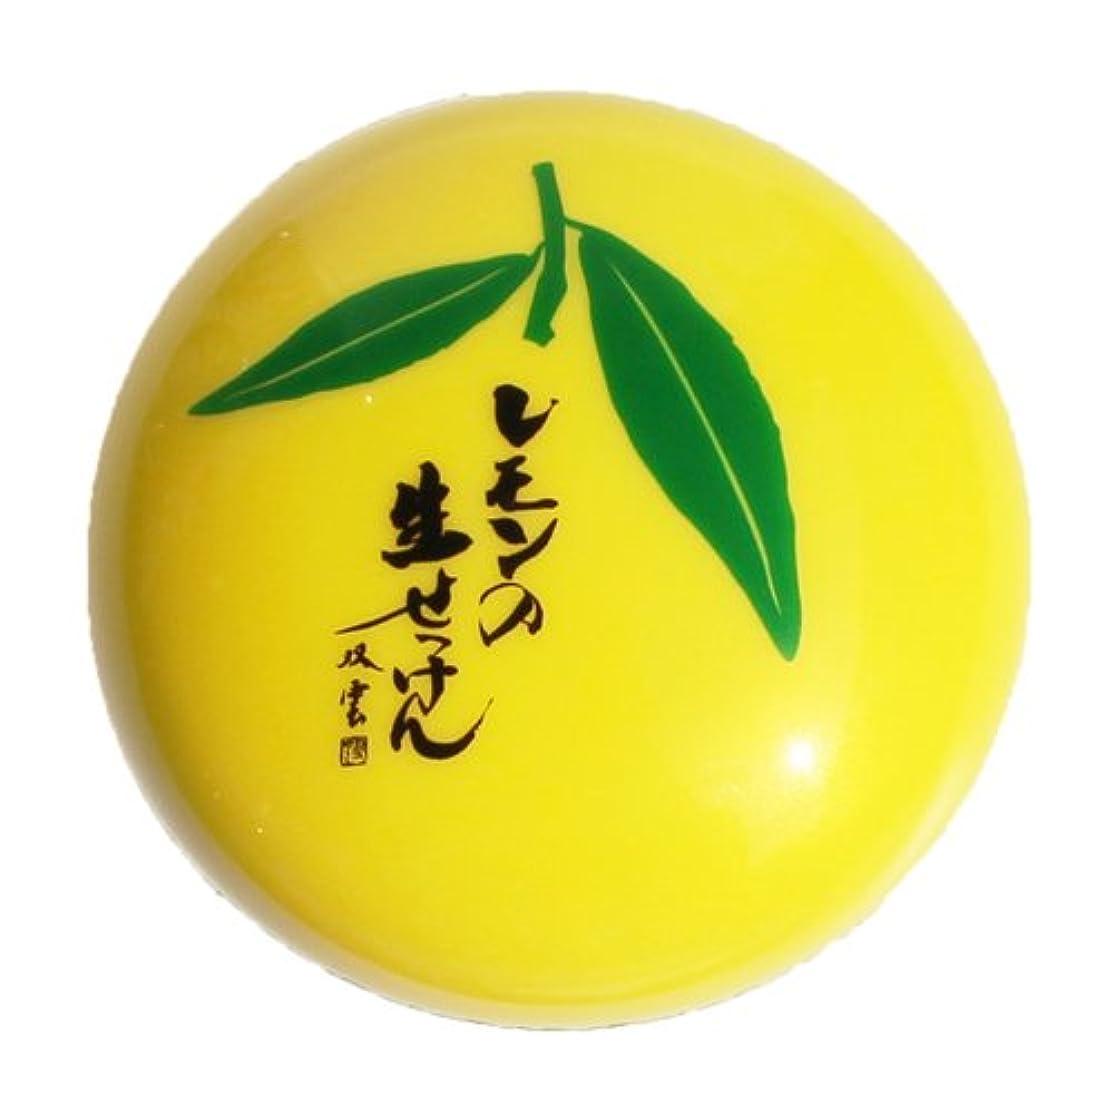 いう誰かなくなる美香柑 レモンの生せっけん 50g